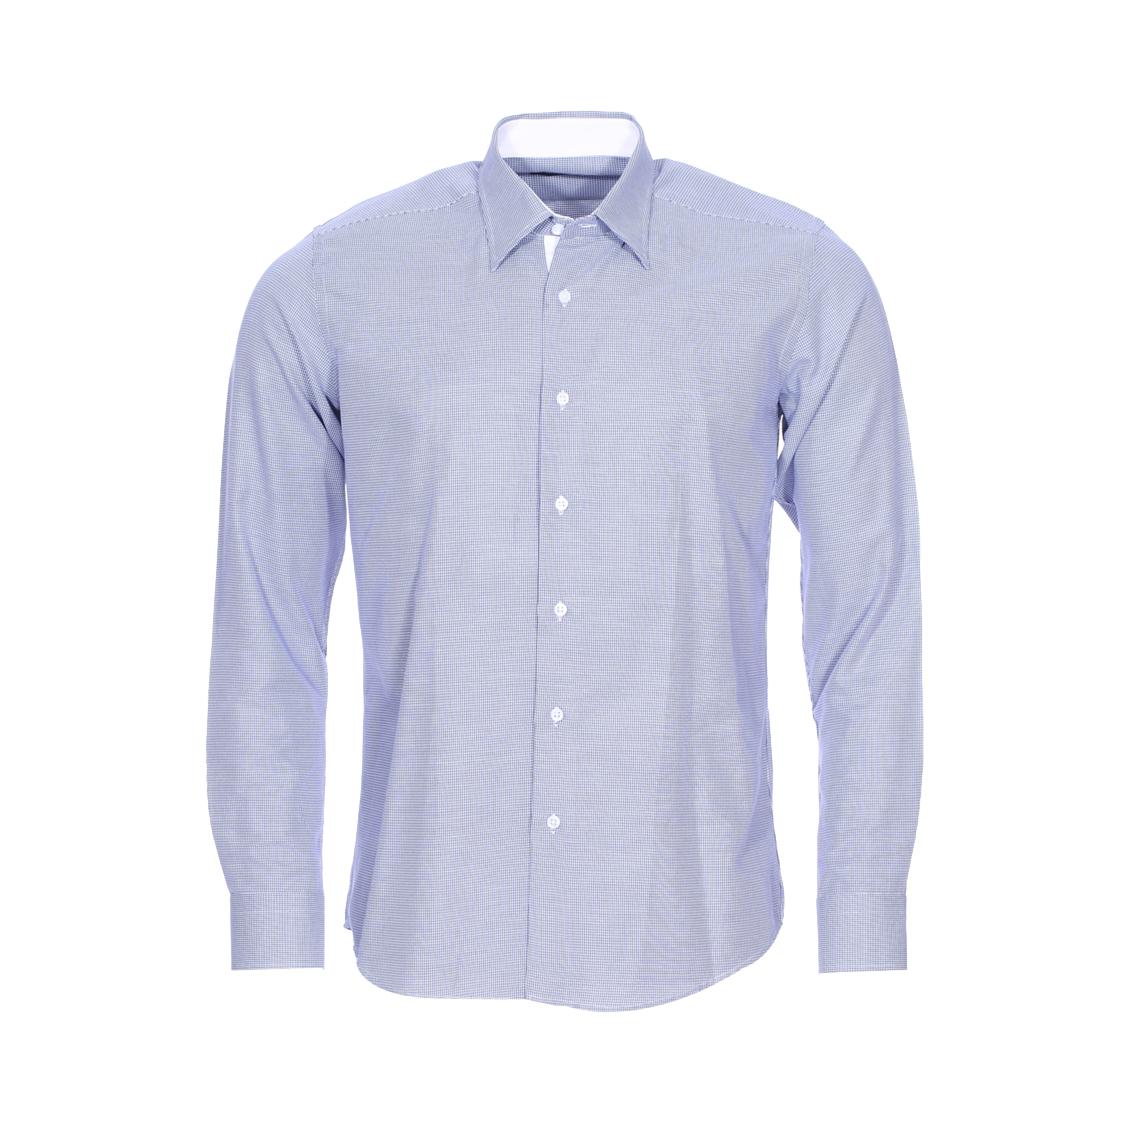 Chemise cintrée  en coton mélangé bleu à petits carreaux blancs